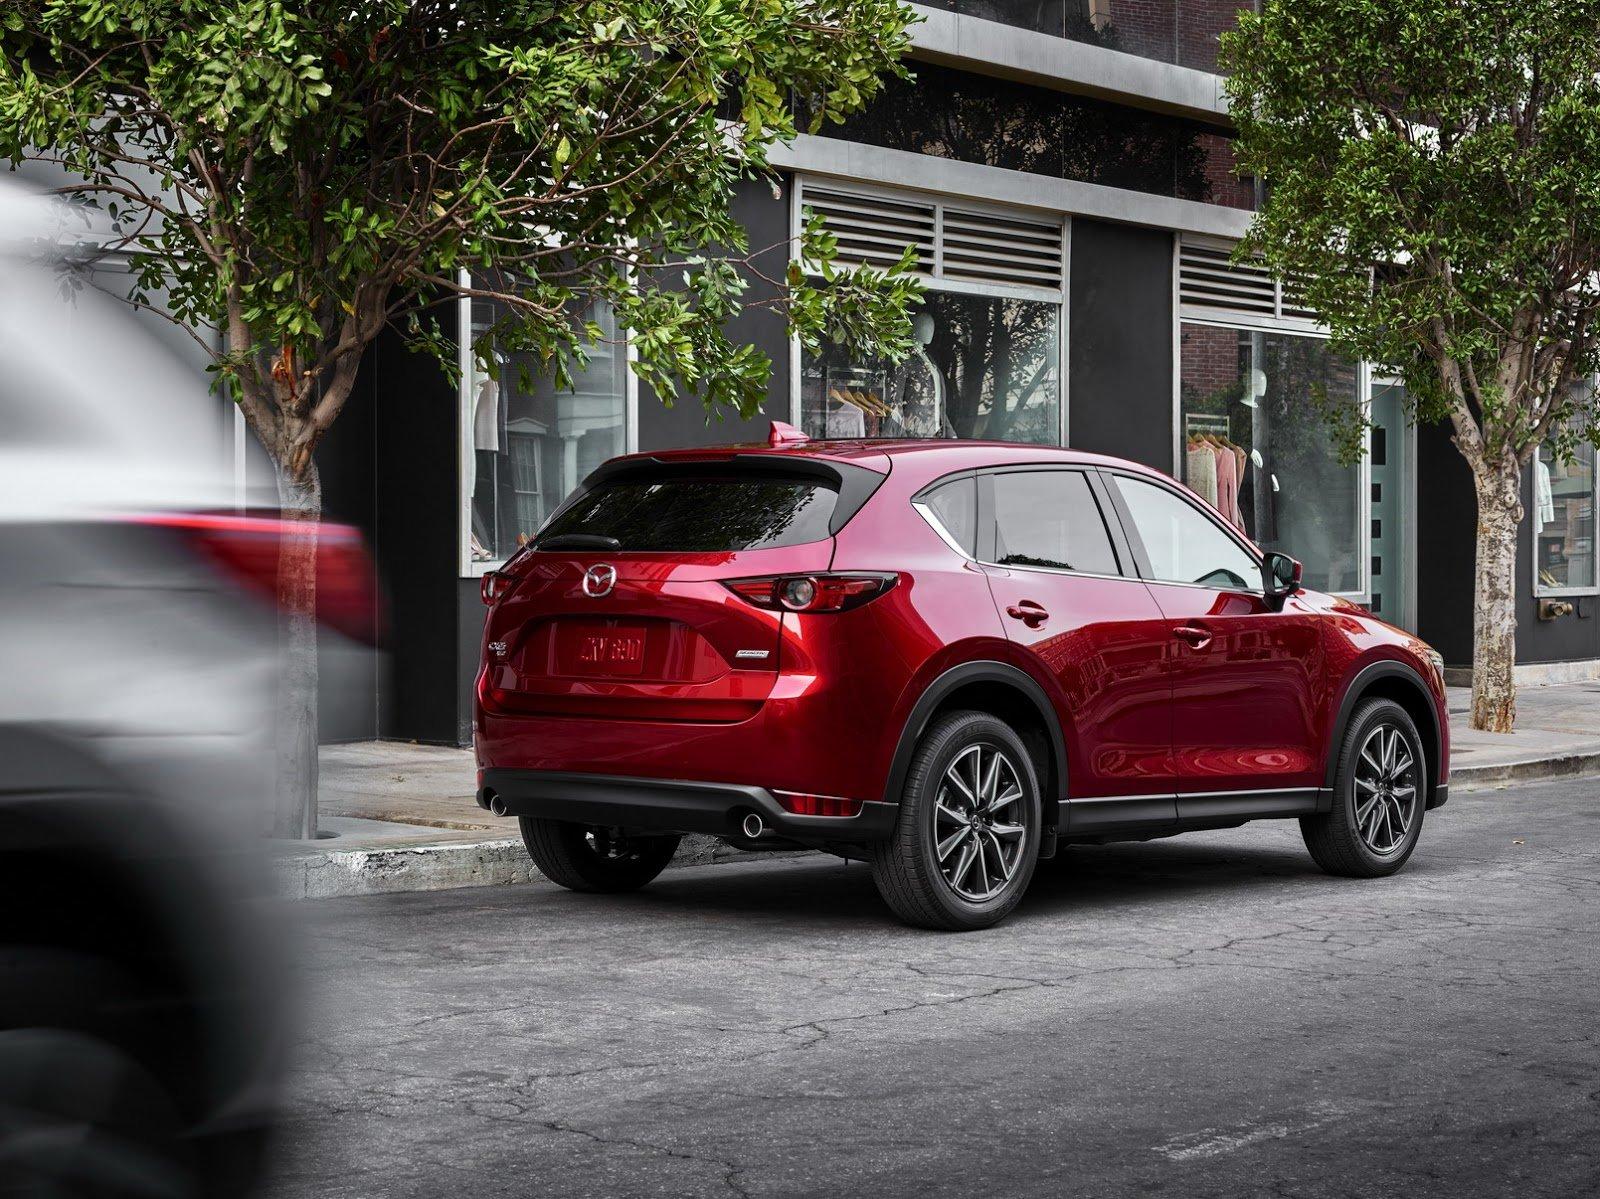 Новинка от японского концерна Mazda – компактный кроссовер CX-5 и его модификации